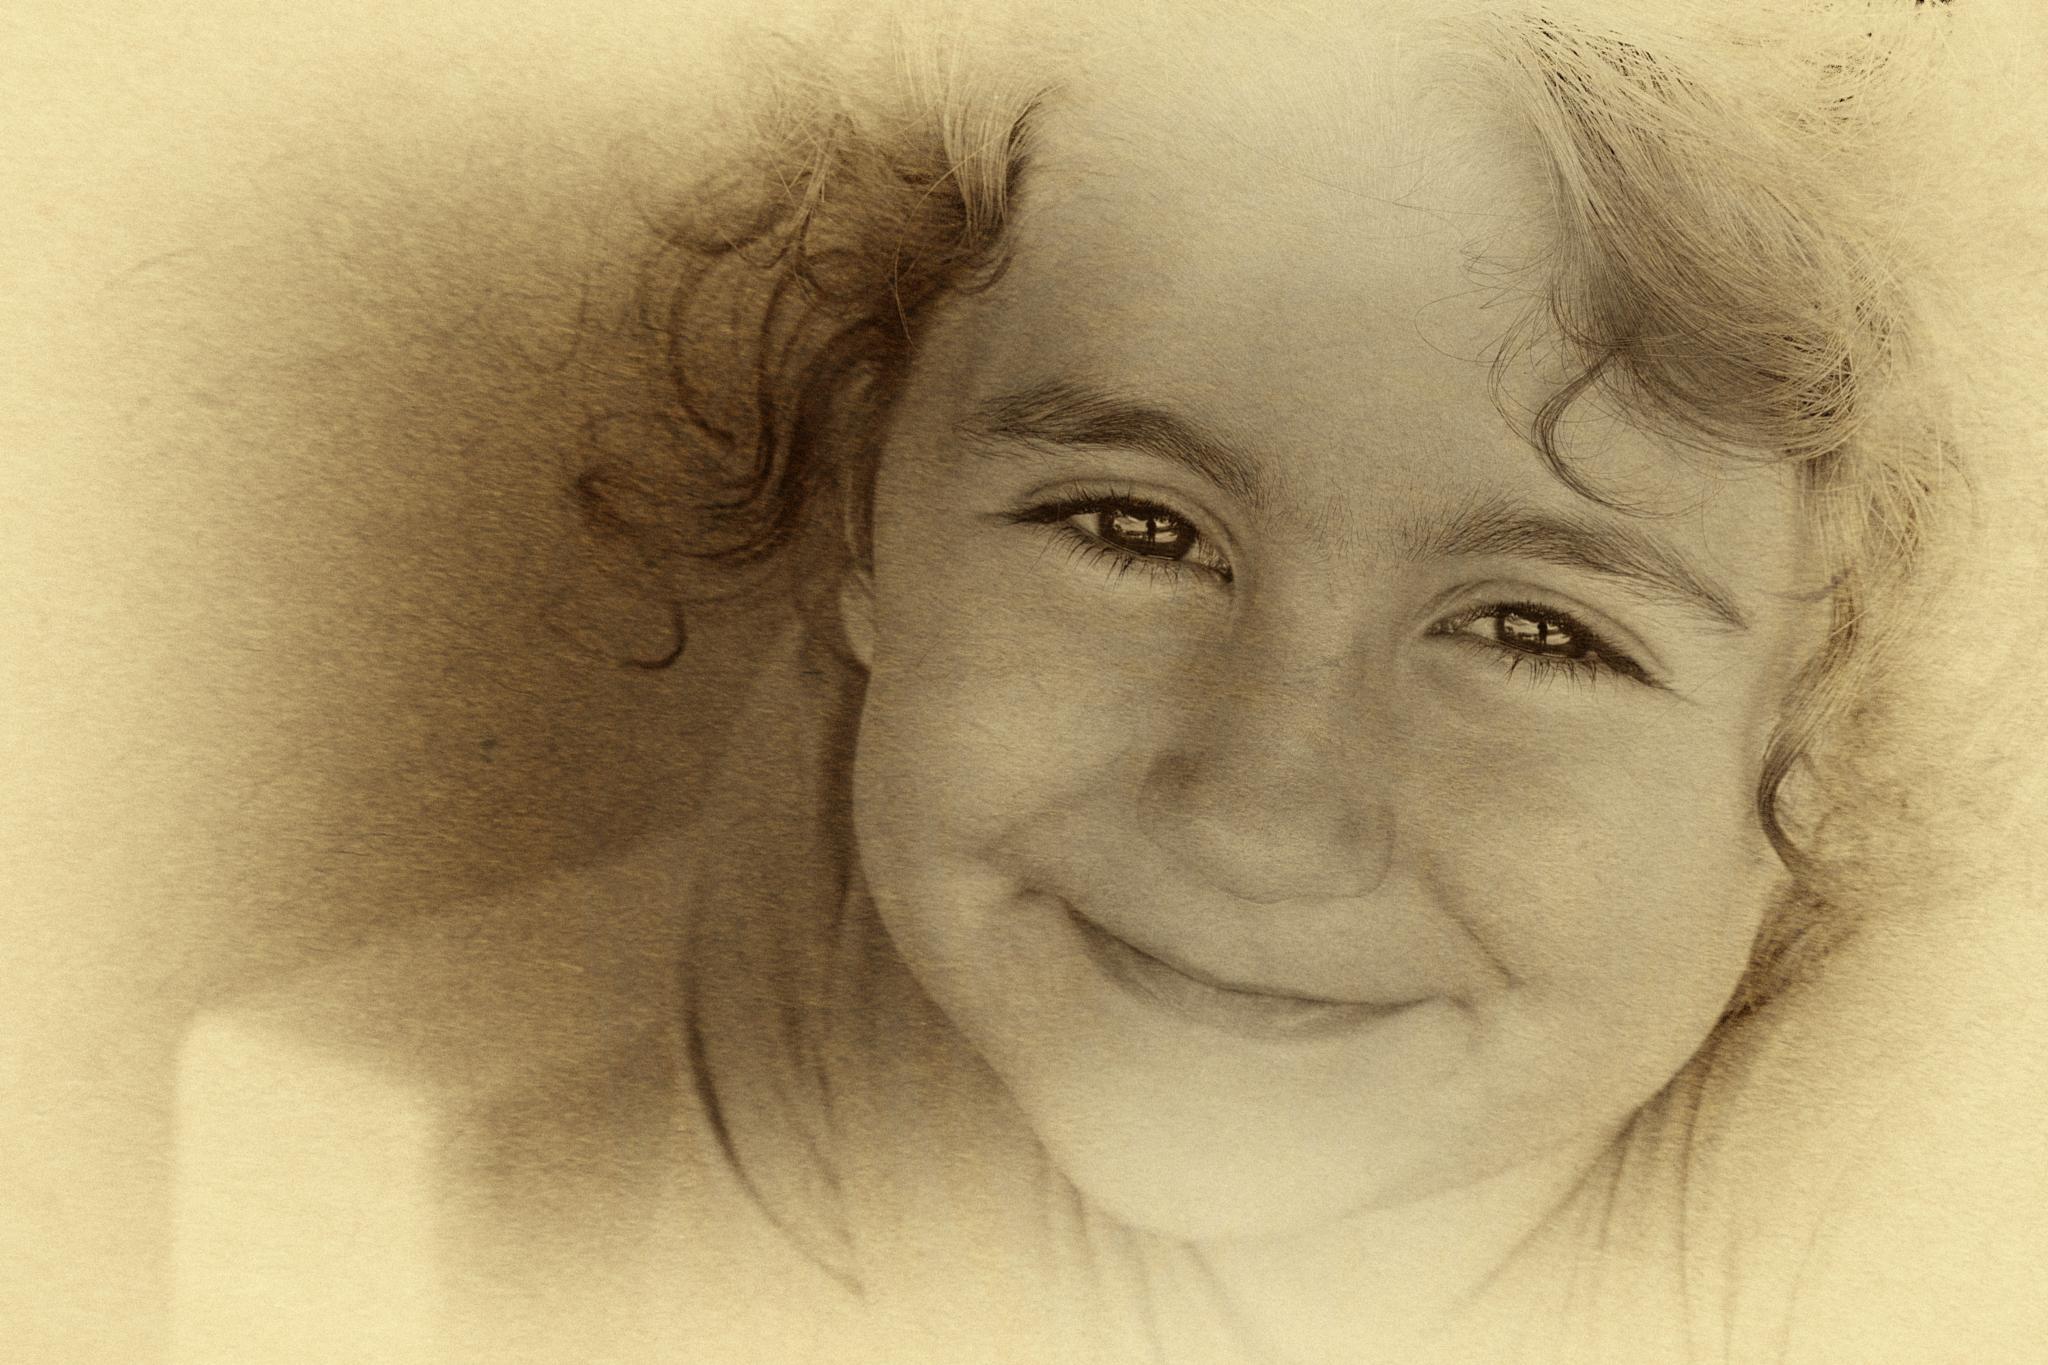 Smiling by ElcinYoldascan